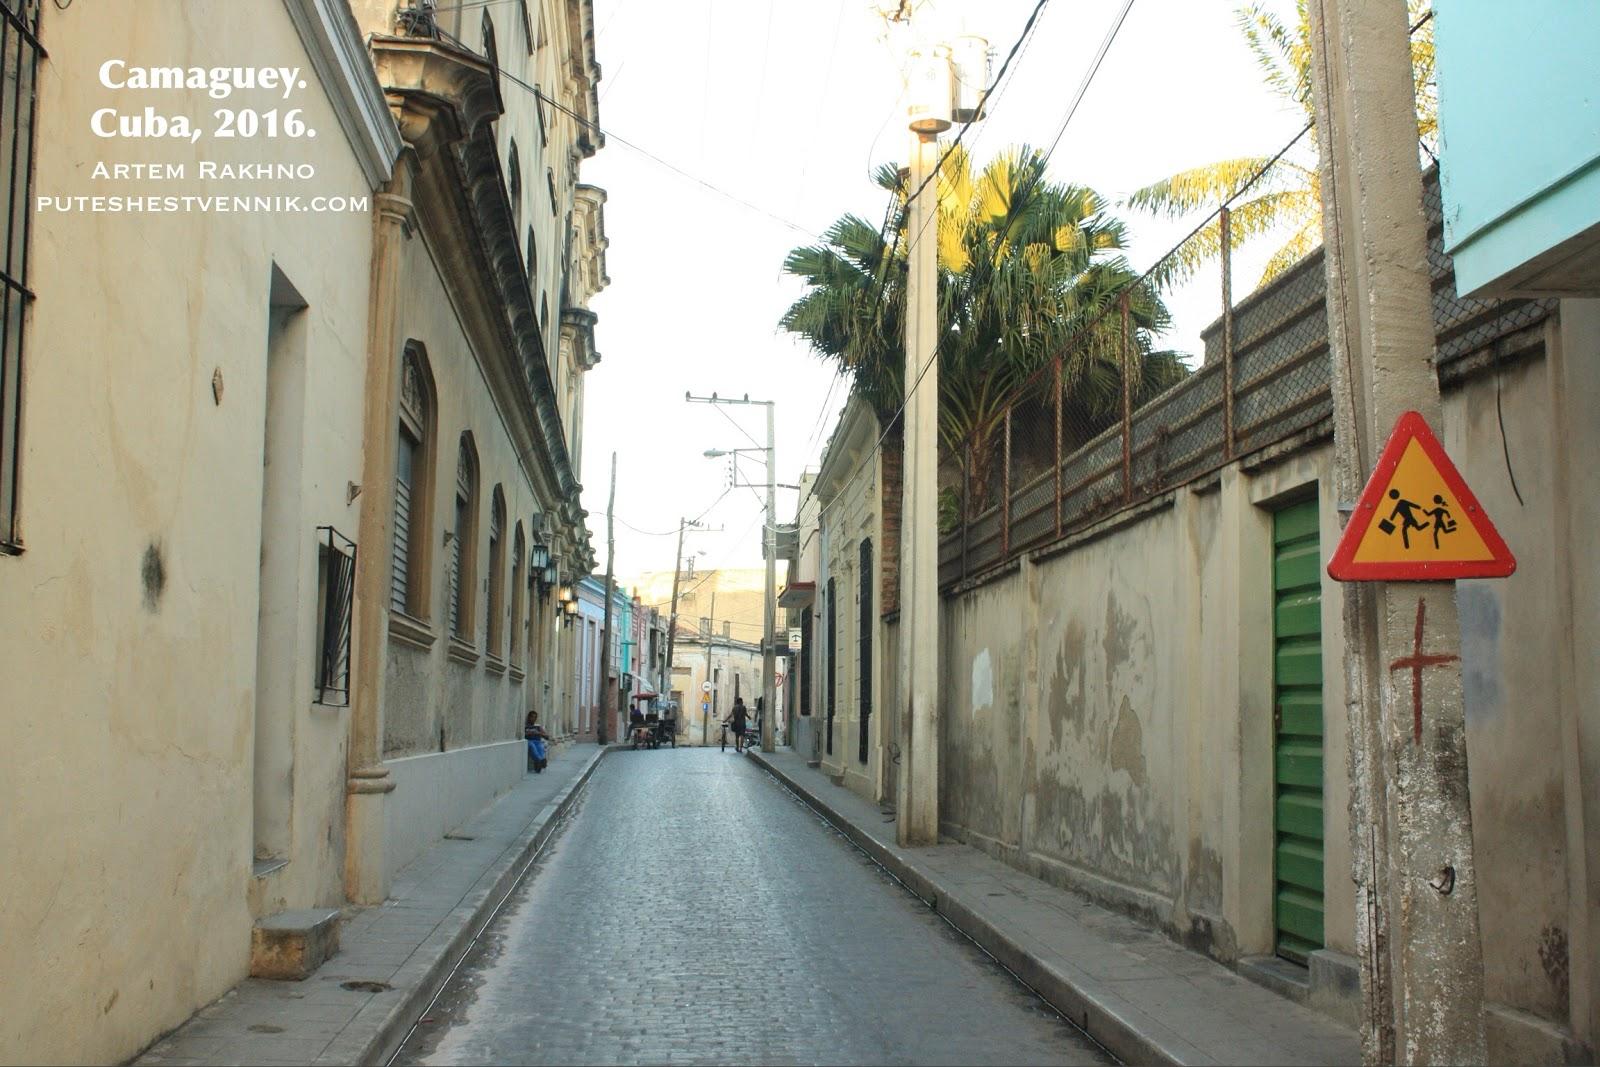 Школьный дорожный знак на улице кубинского города